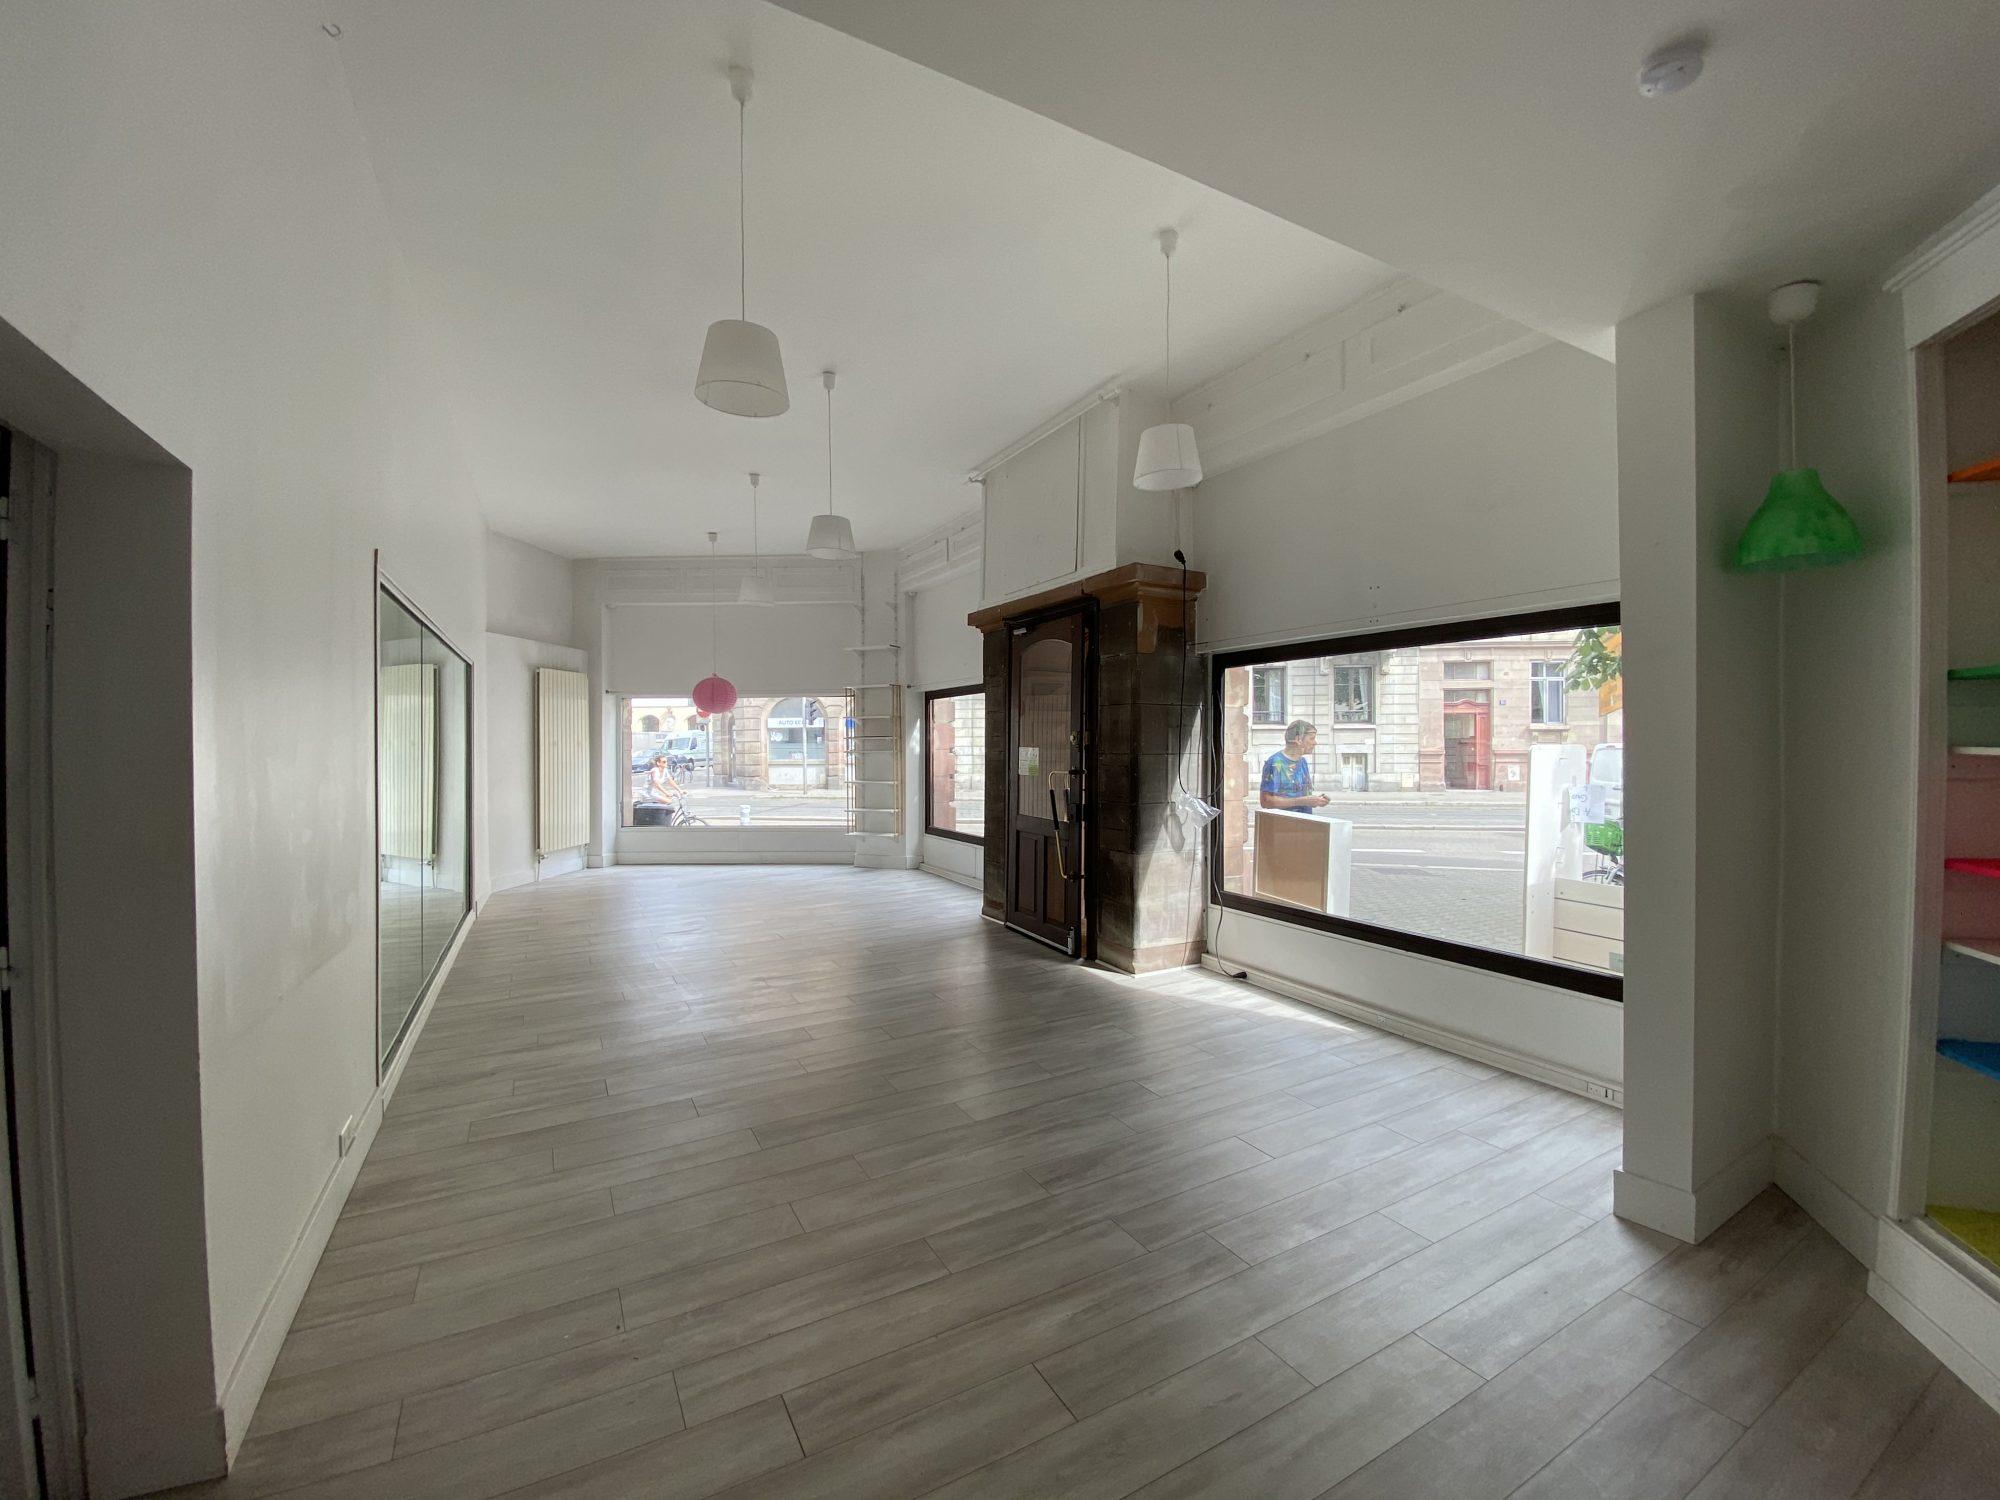 LOCAL COMMERCIAL A LOUER MUSEE D'ART MODERNE - Devenez locataire en toute sérénité - Bintz Immobilier - 6